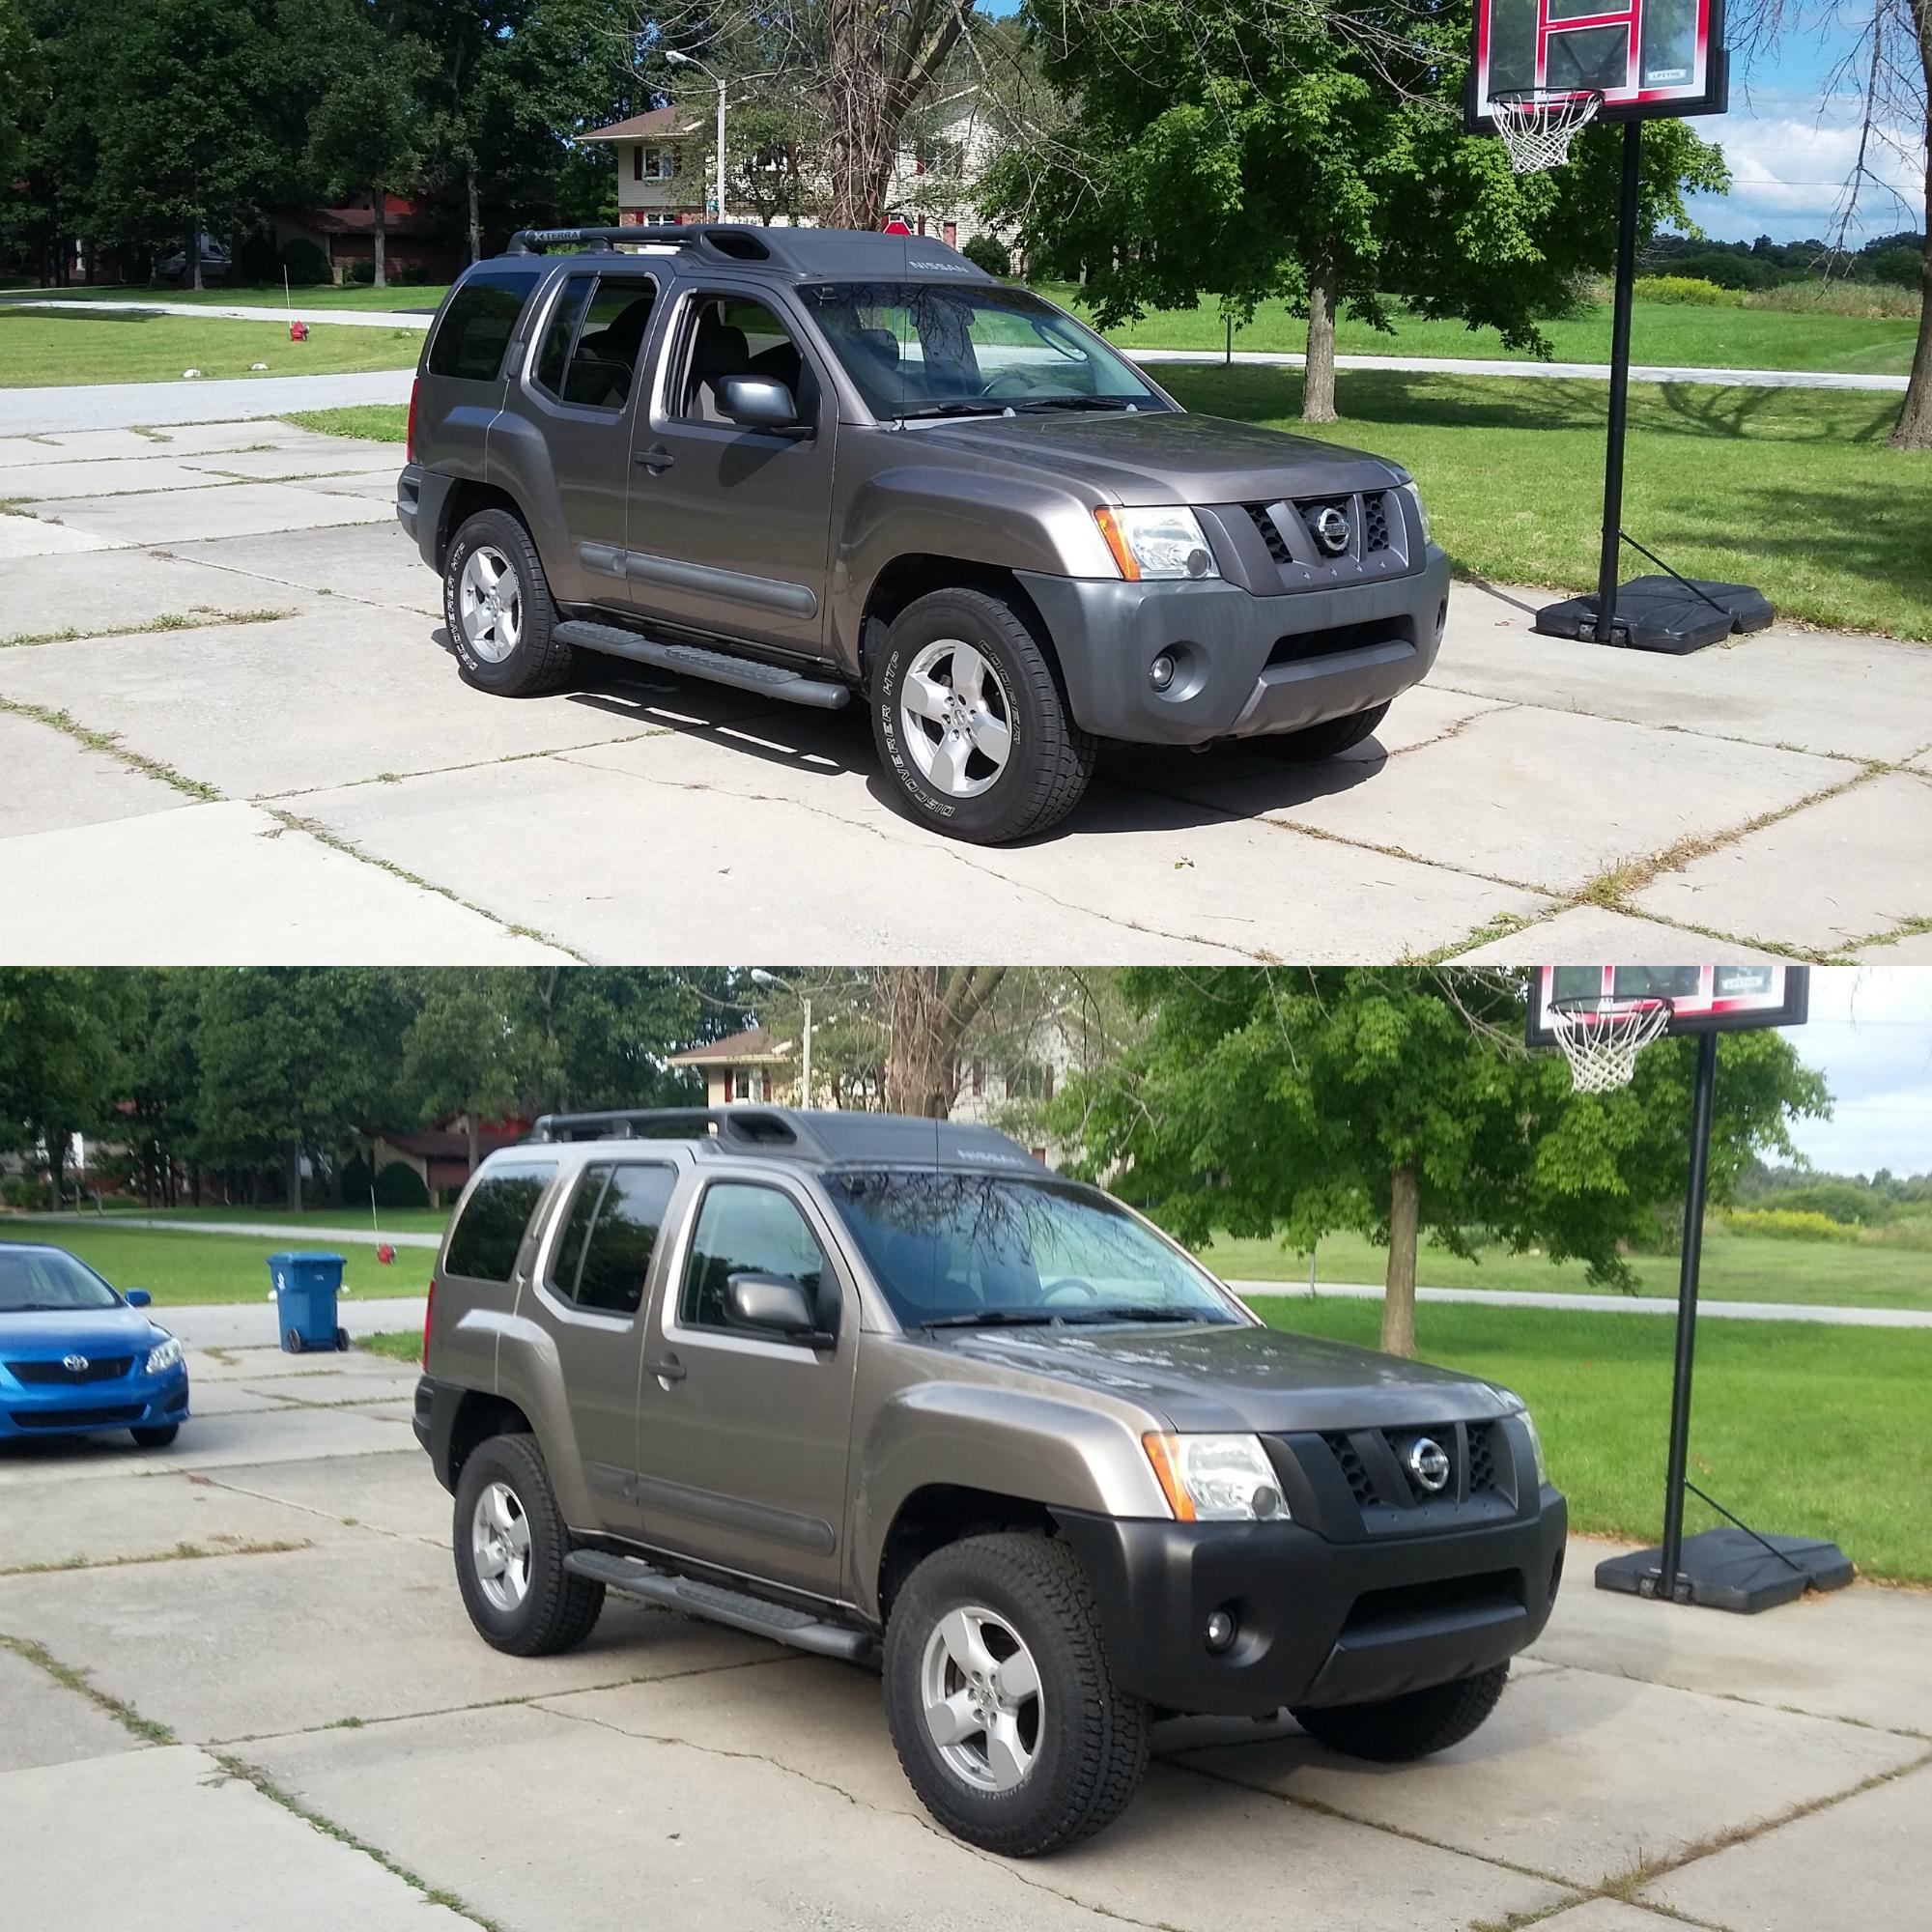 2005 Nissan Xterra Lifted Www Jpkmotors Com